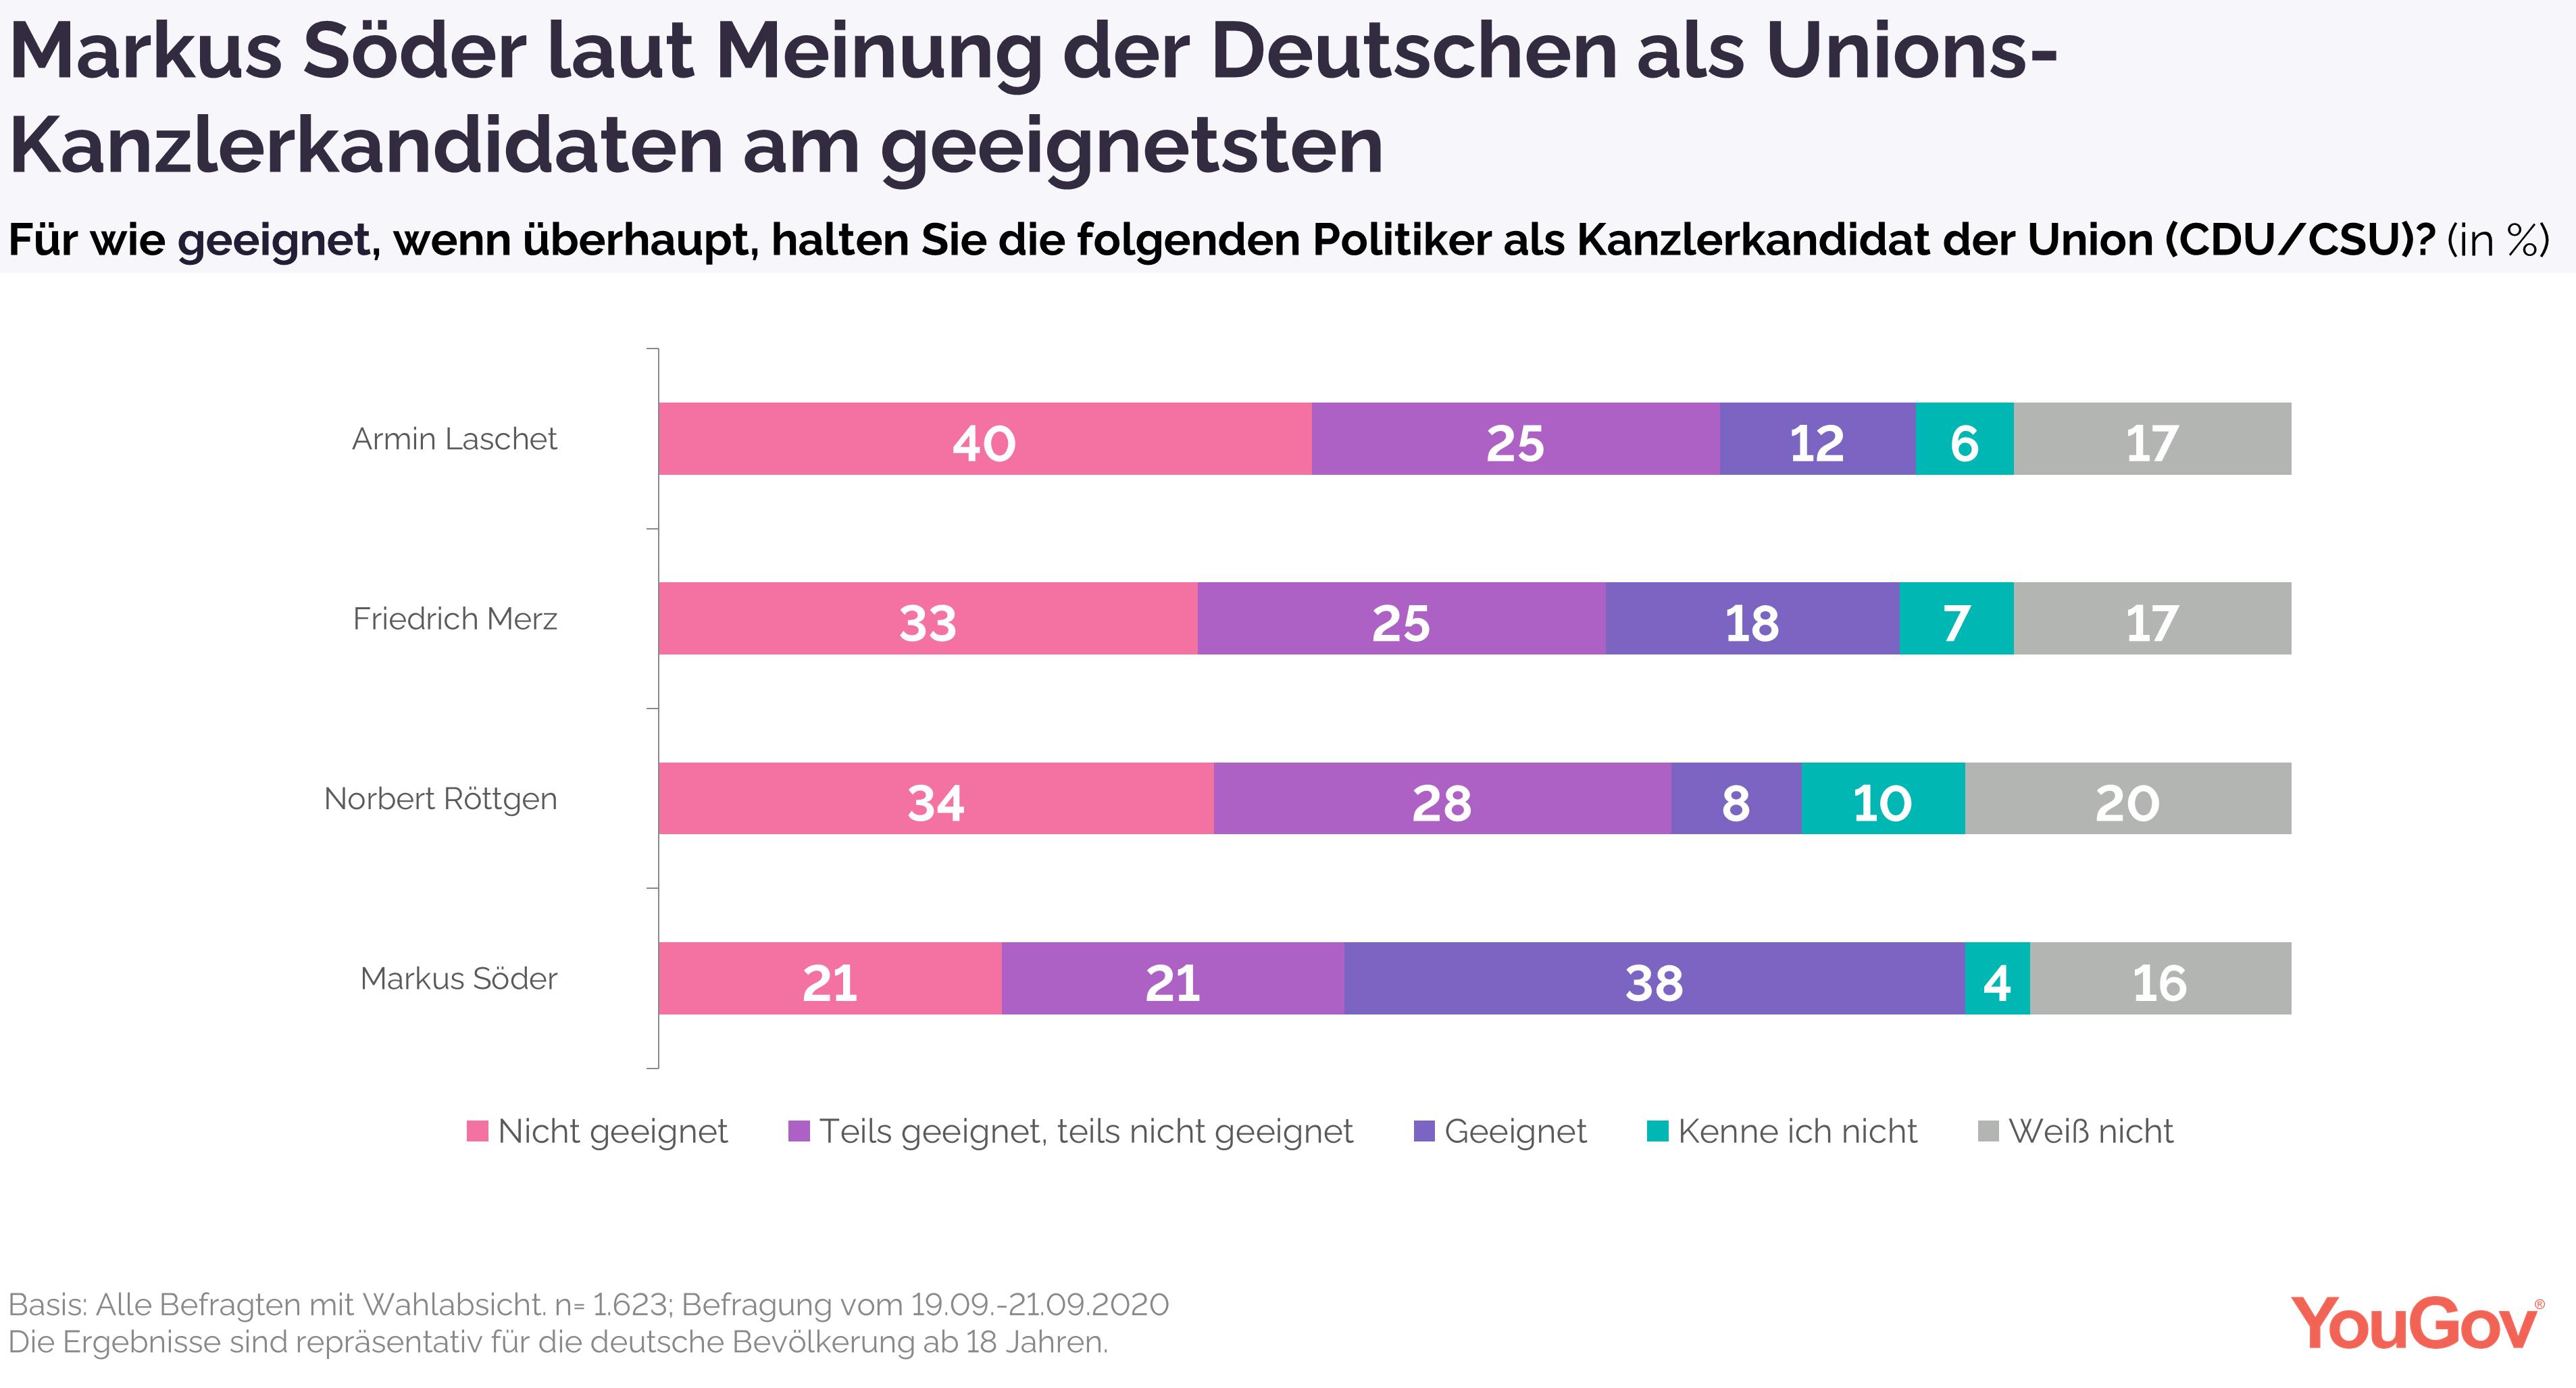 Markus Söder von Deutschen am geeignetsten als Unions-Kanzlerkandidaten einschätzt